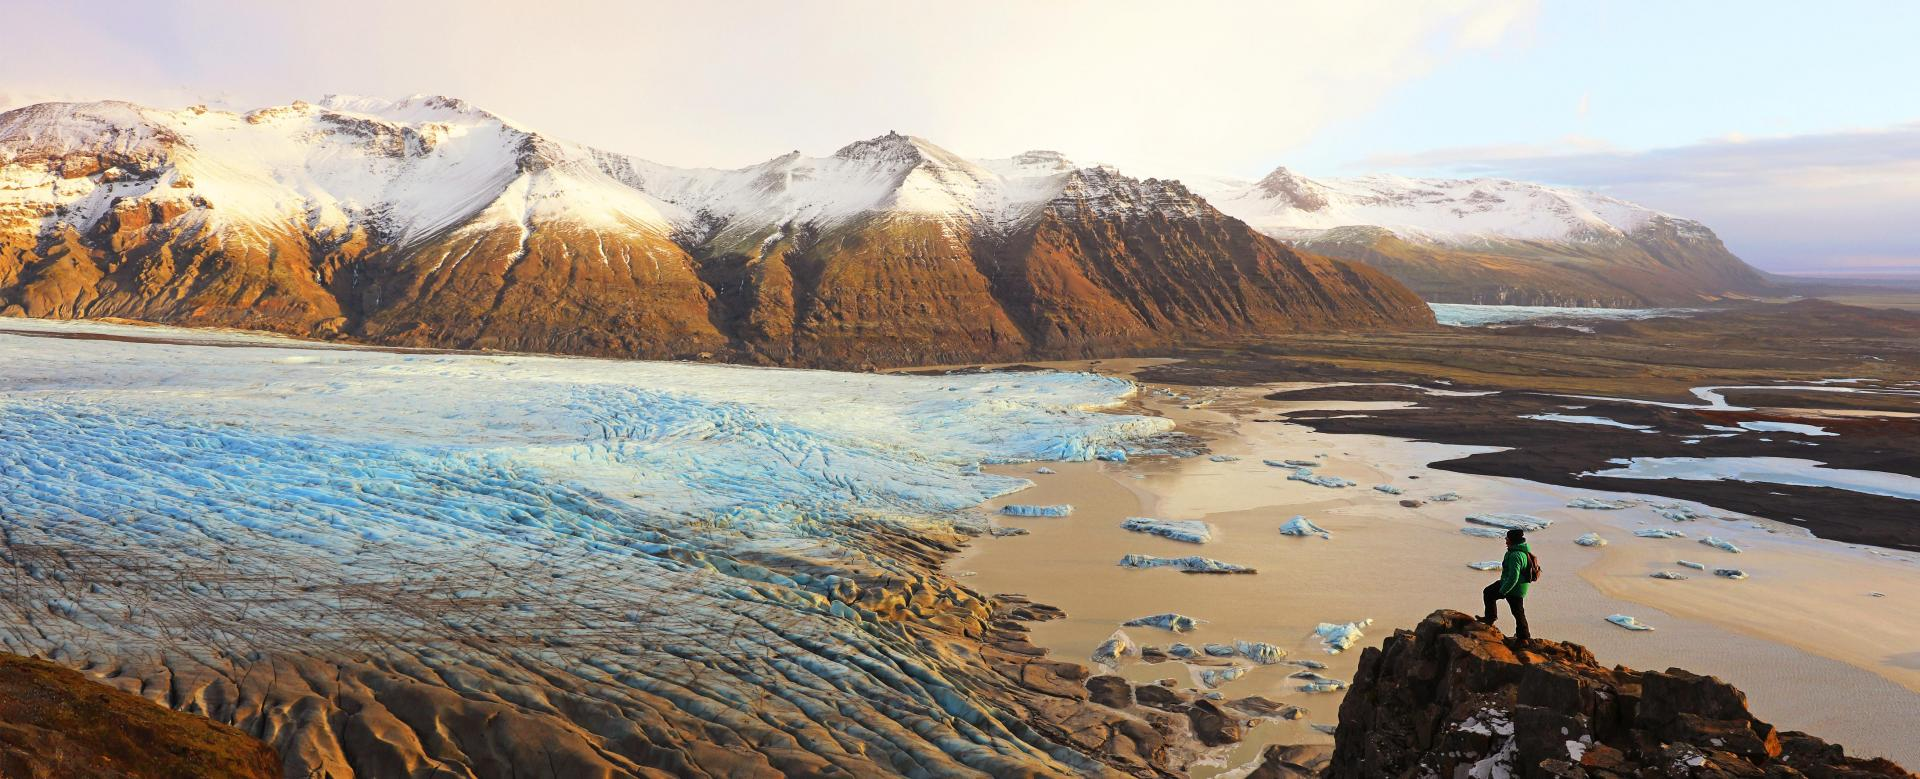 Voyage à pied Islande : Raid entre feu et glace